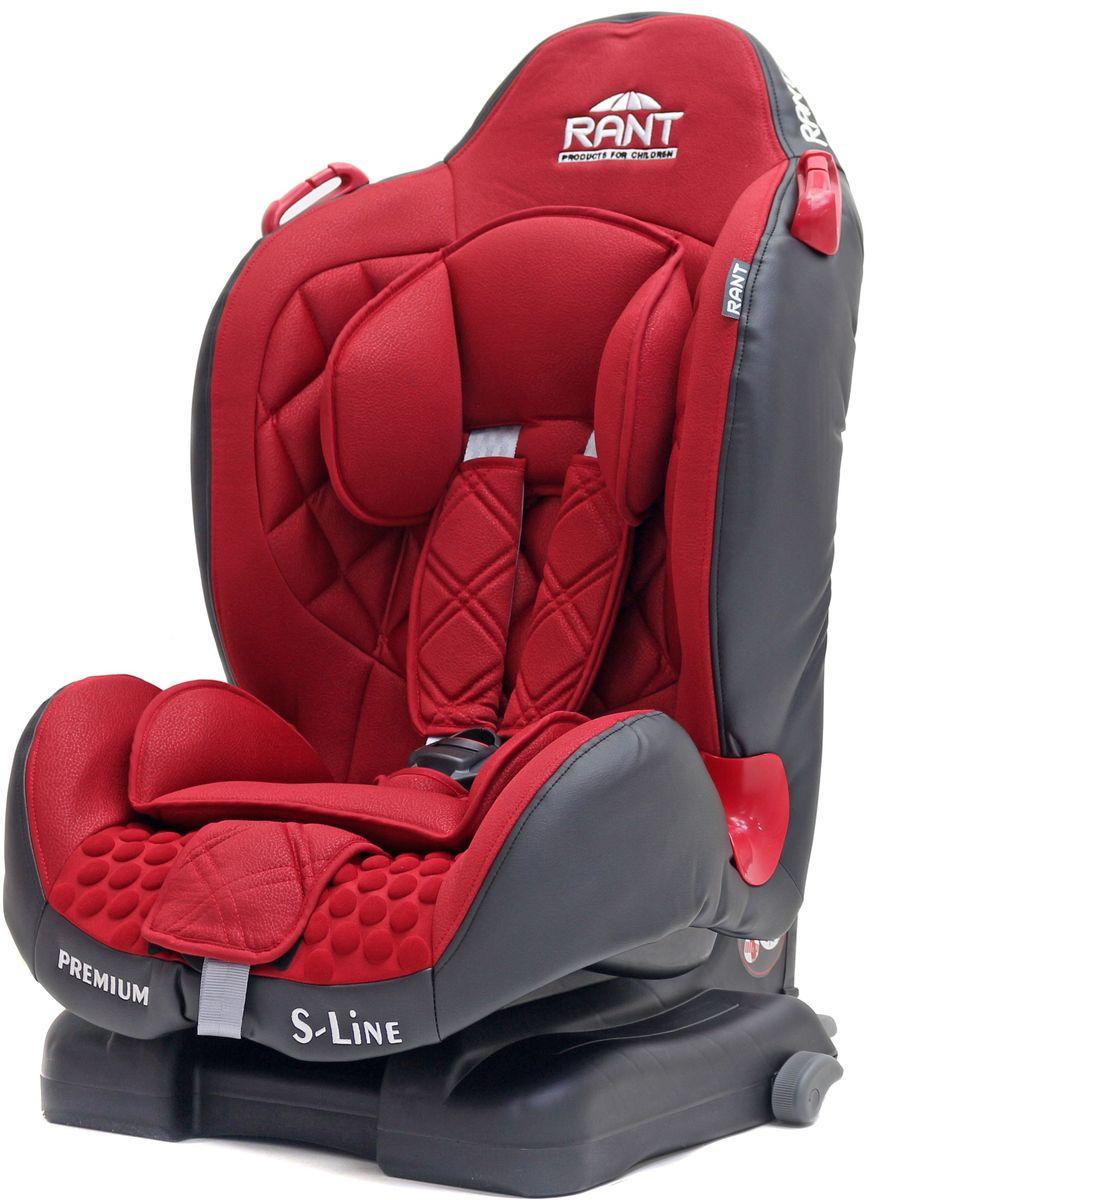 Rant Автокресло Premium Isofix цвет красный от 9 до 25 кг4650070987495Серия S-Line автокресло Premium группа 1-2. Вес ребенка: 9-25 кг, возраст: от 09 мес. до 7 лет (ориентировочно), cистема крепления IsoFix, устанавливается по ходу движения автомобиля, пятиточечный ремень безопасности с мягкими плечевыми накладками и антискользящими нашивками, 4-х ступенчатая настройка высоты подголовника, корректировка высоты ремня безопасности по уровню подголовника, 3 положения наклона корпуса, устойчивая база, фиксатор высоты штатных ремней безопасности, дополнительная боковая защита, съемный чехол, мягкий съемный вкладыш для малыша, сертификат Европейского Стандарта Безопасности ЕCE R44/04.